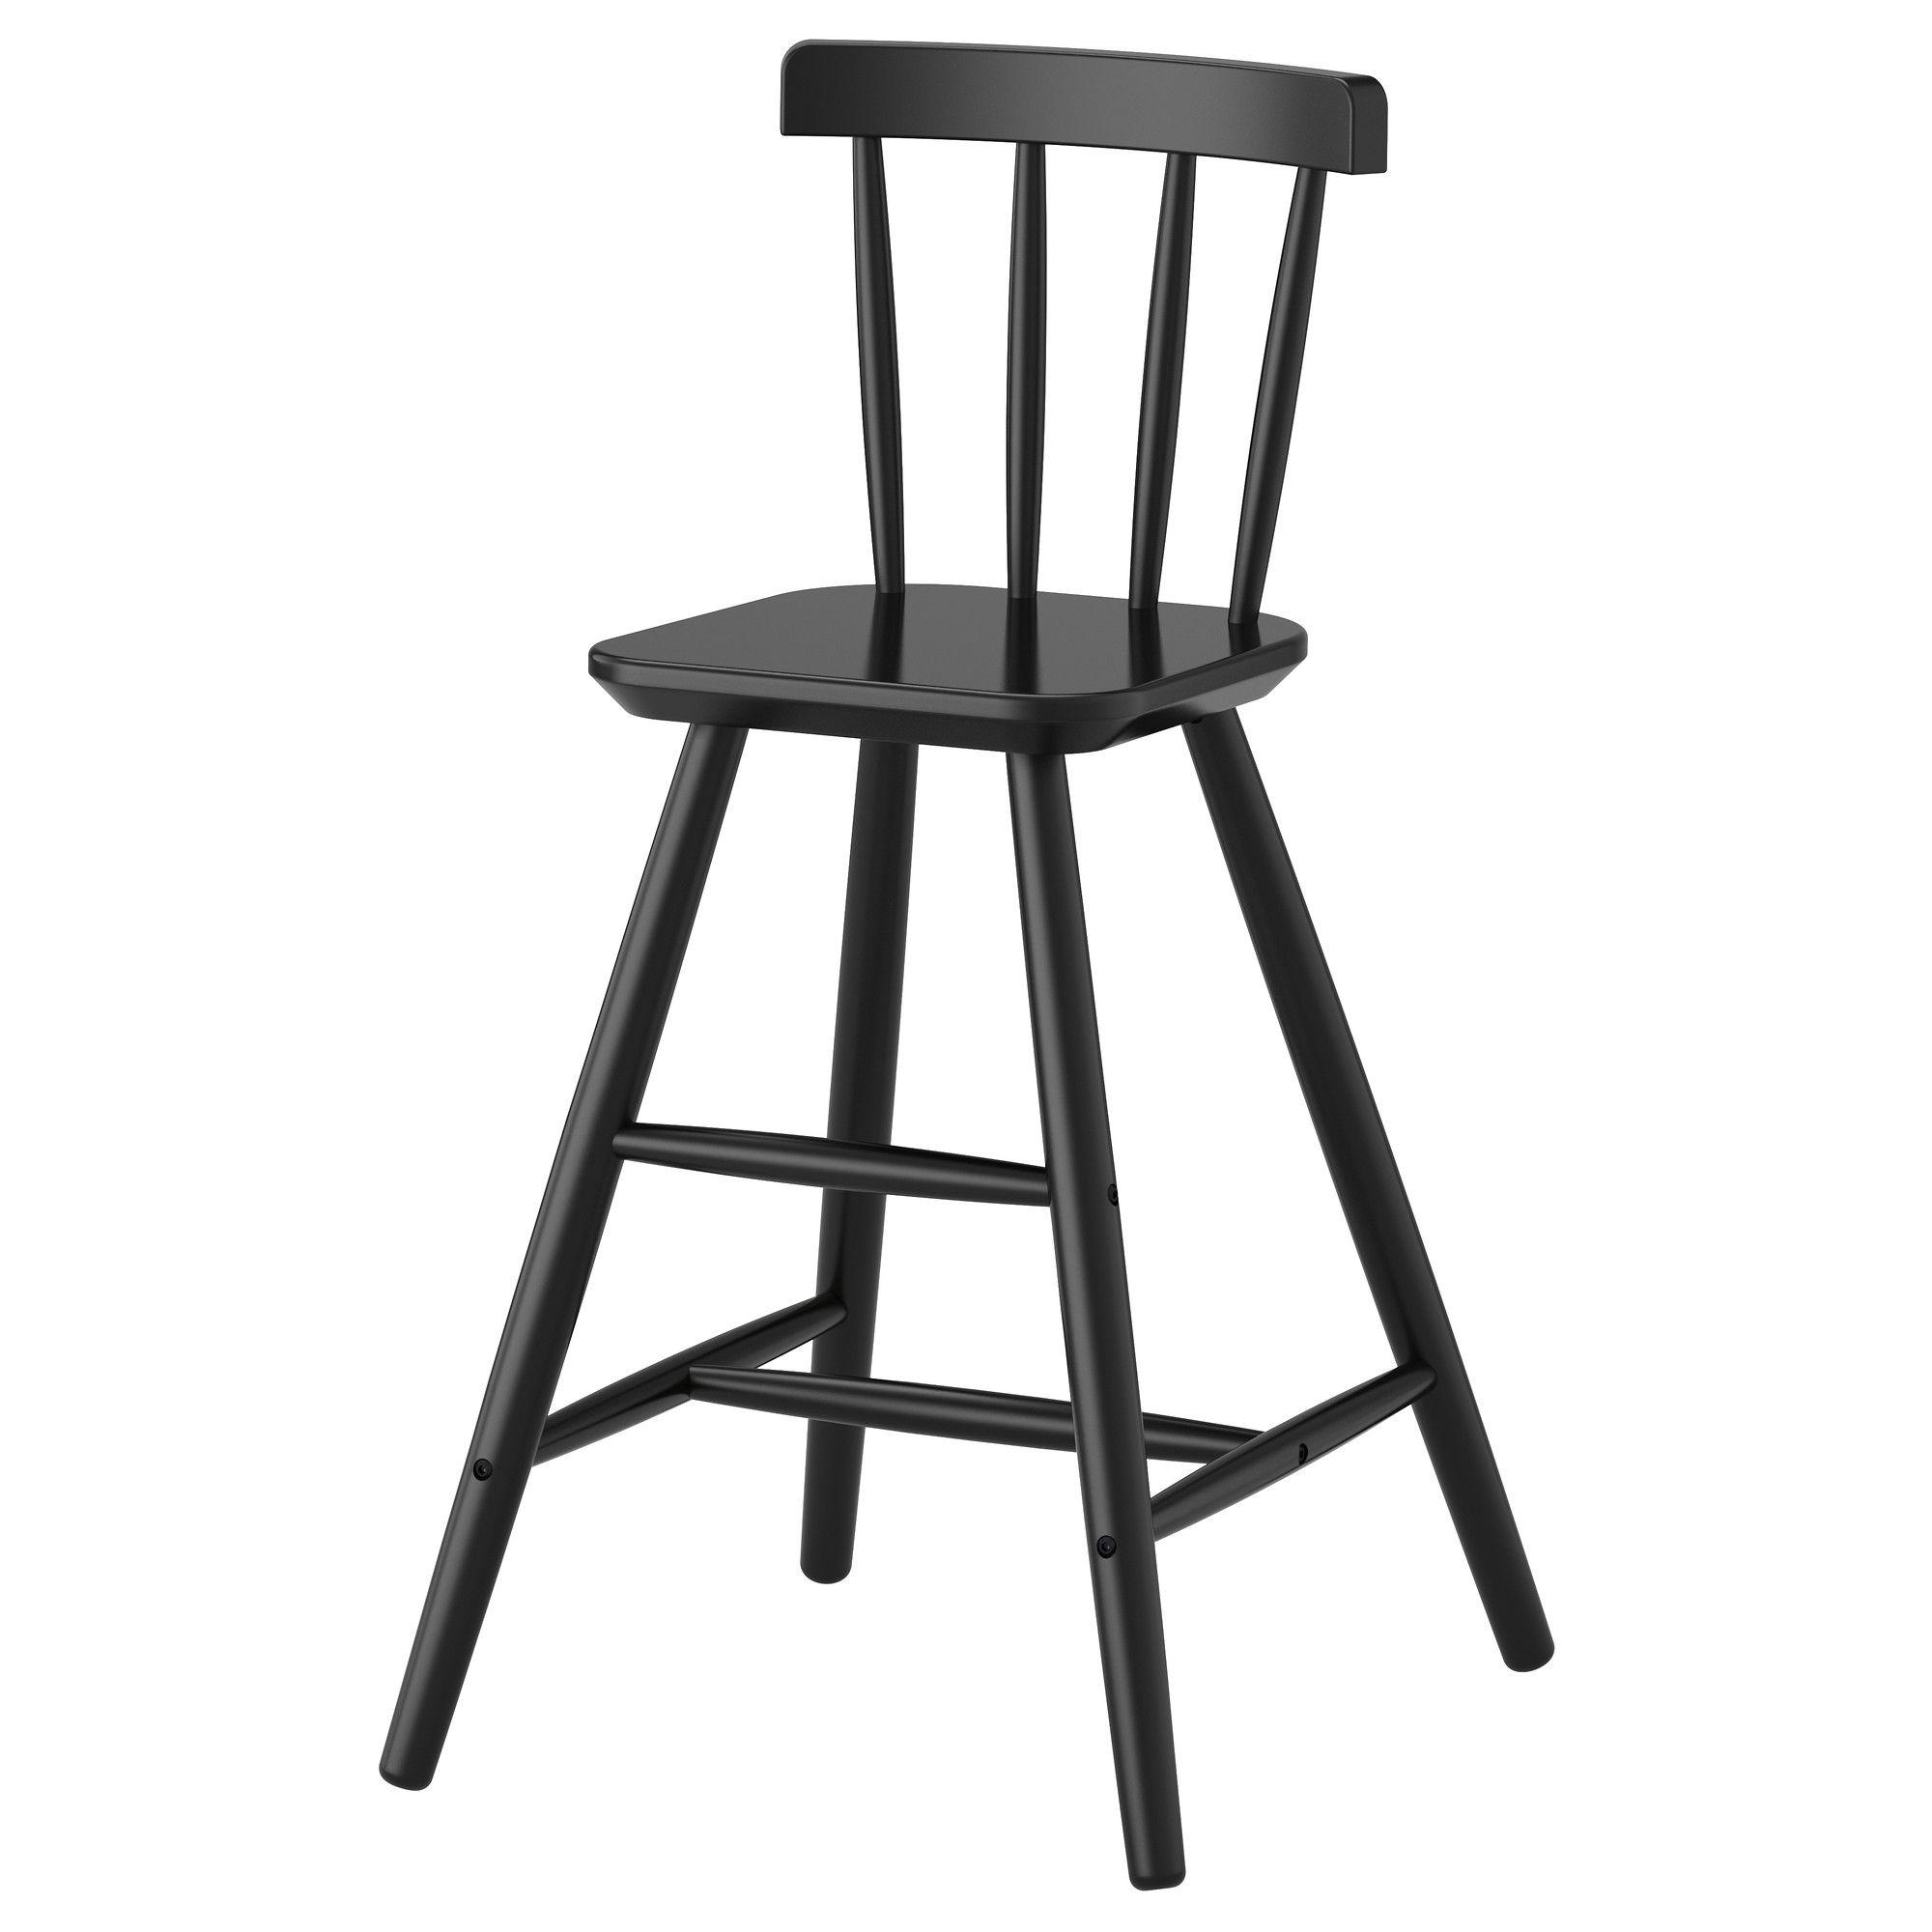 Agam Junior Chair Black Ikea Ikea Junior Chair Chair Kids Chairs